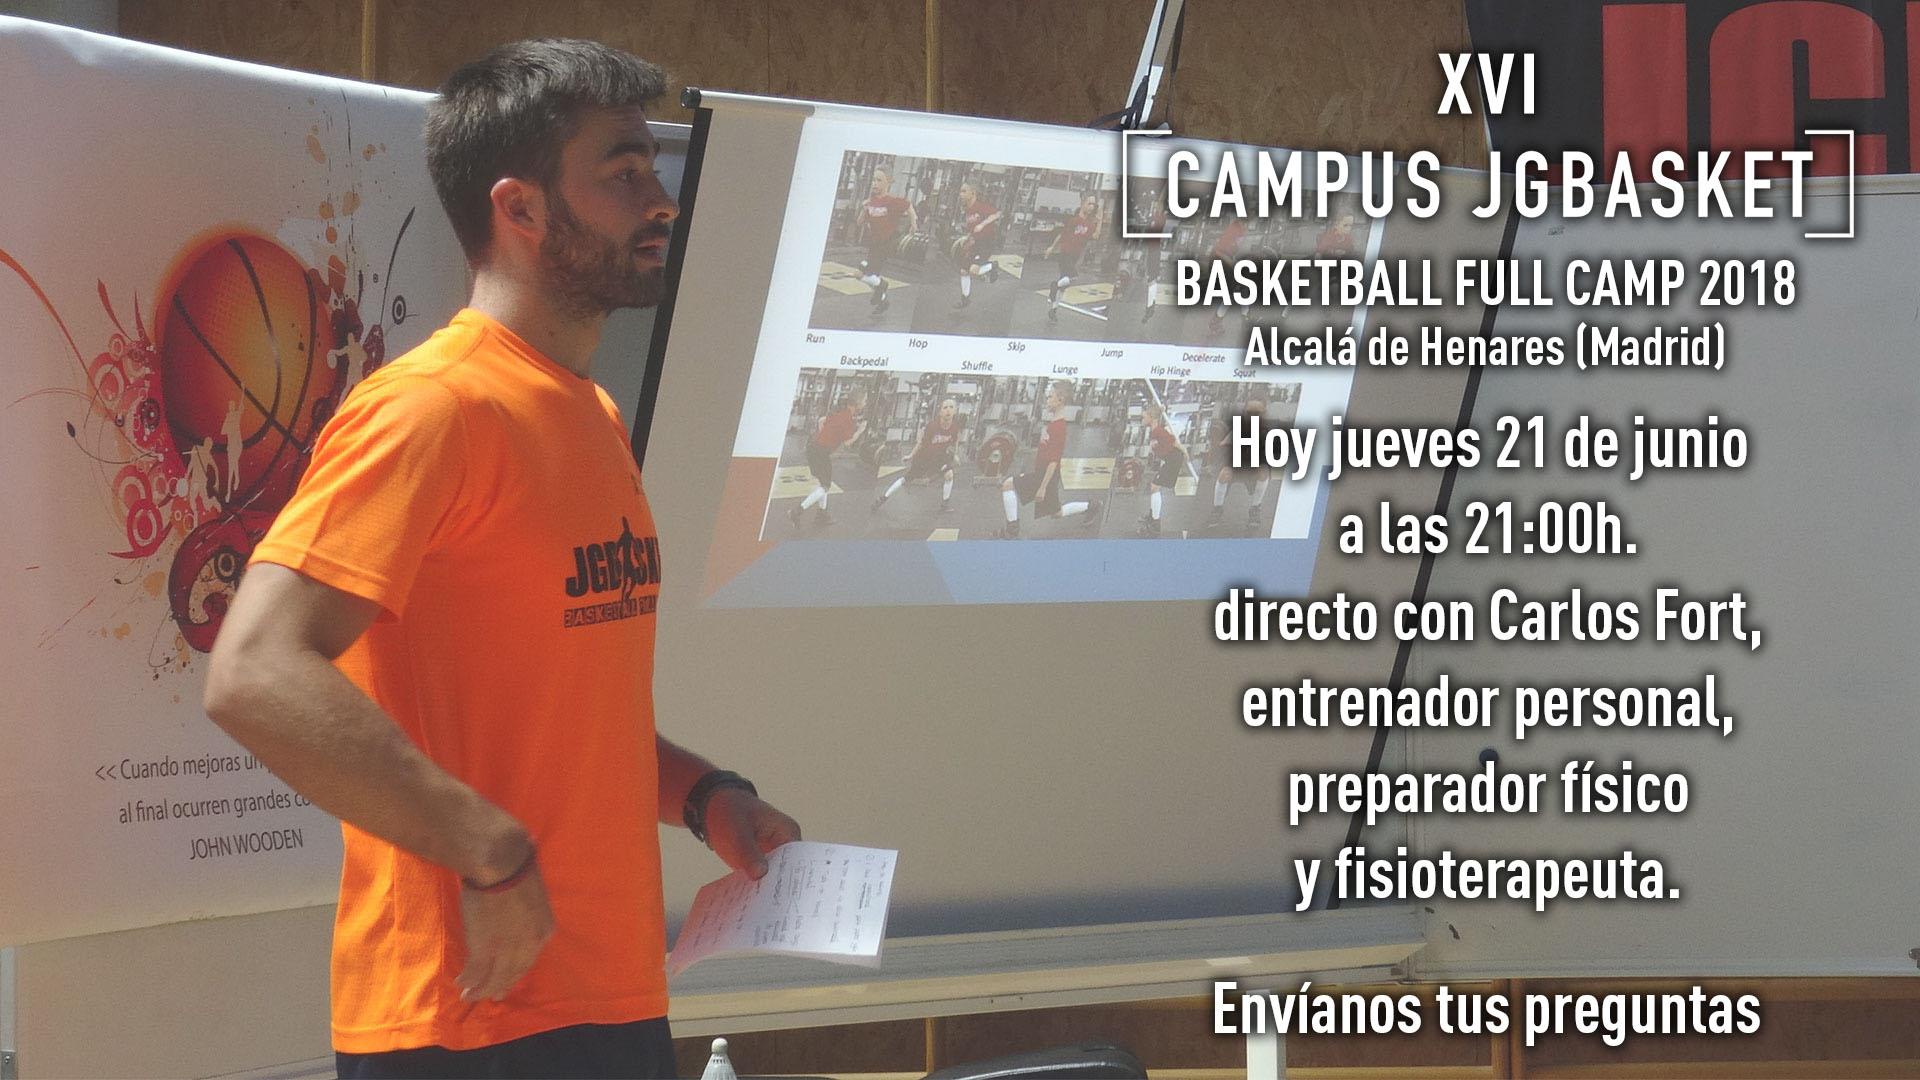 Directo con Carlos Fort. Preparador físico. Campus Baloncesto JGBasket